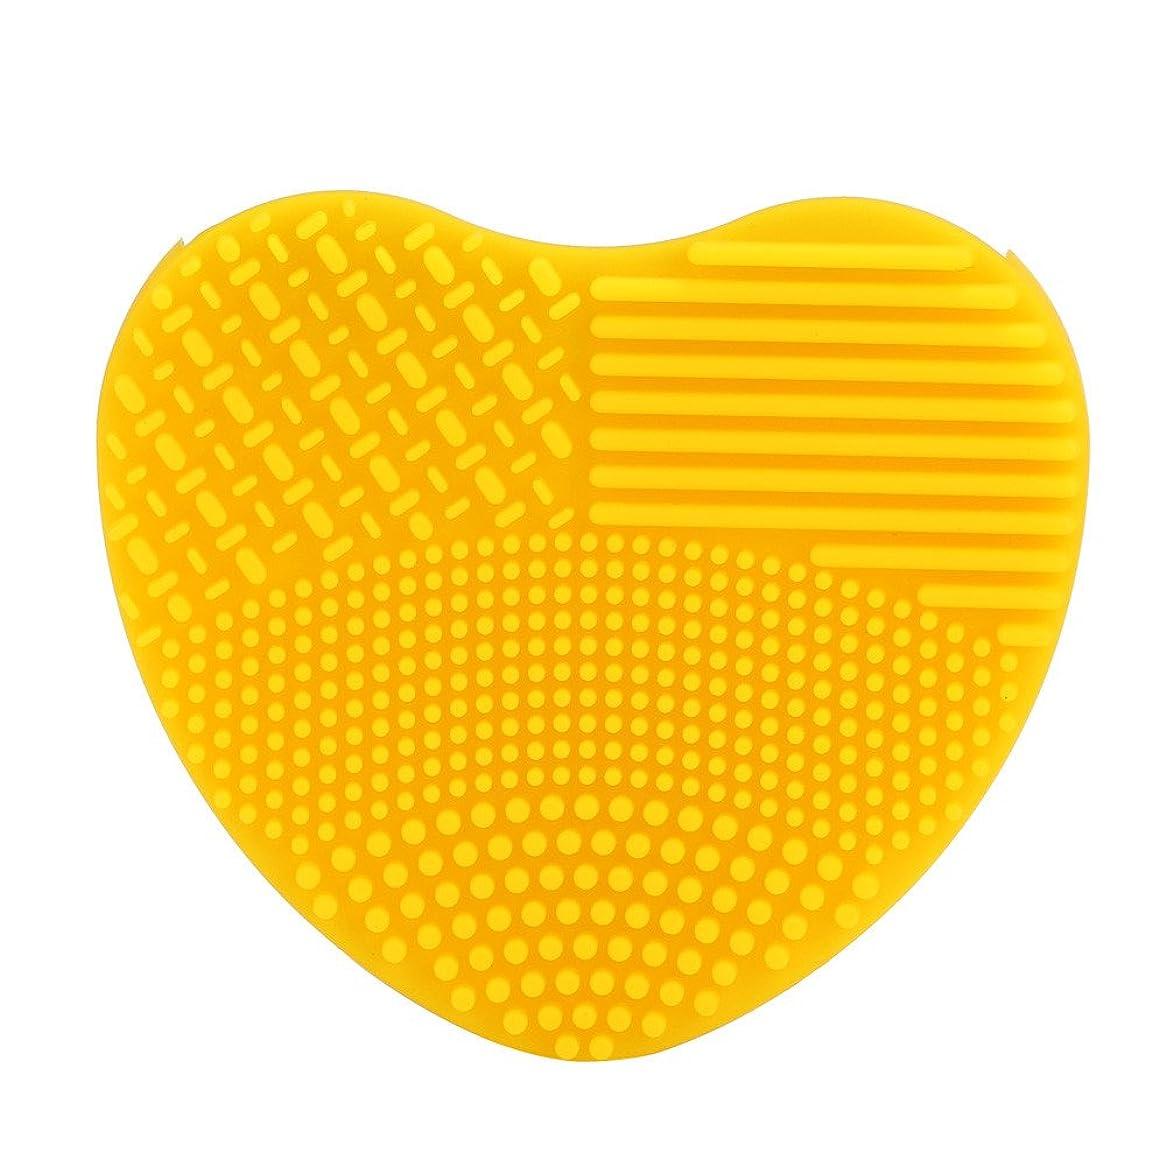 誓うコンクリートカーテンシリコーン YOKINO 洗濯板 ポータブル メイクブラシクリーナー 旅行 や 外泊 の 必需品 化粧ブラシクリーナー 洗浄ブラシ 清掃ブラシ (G)